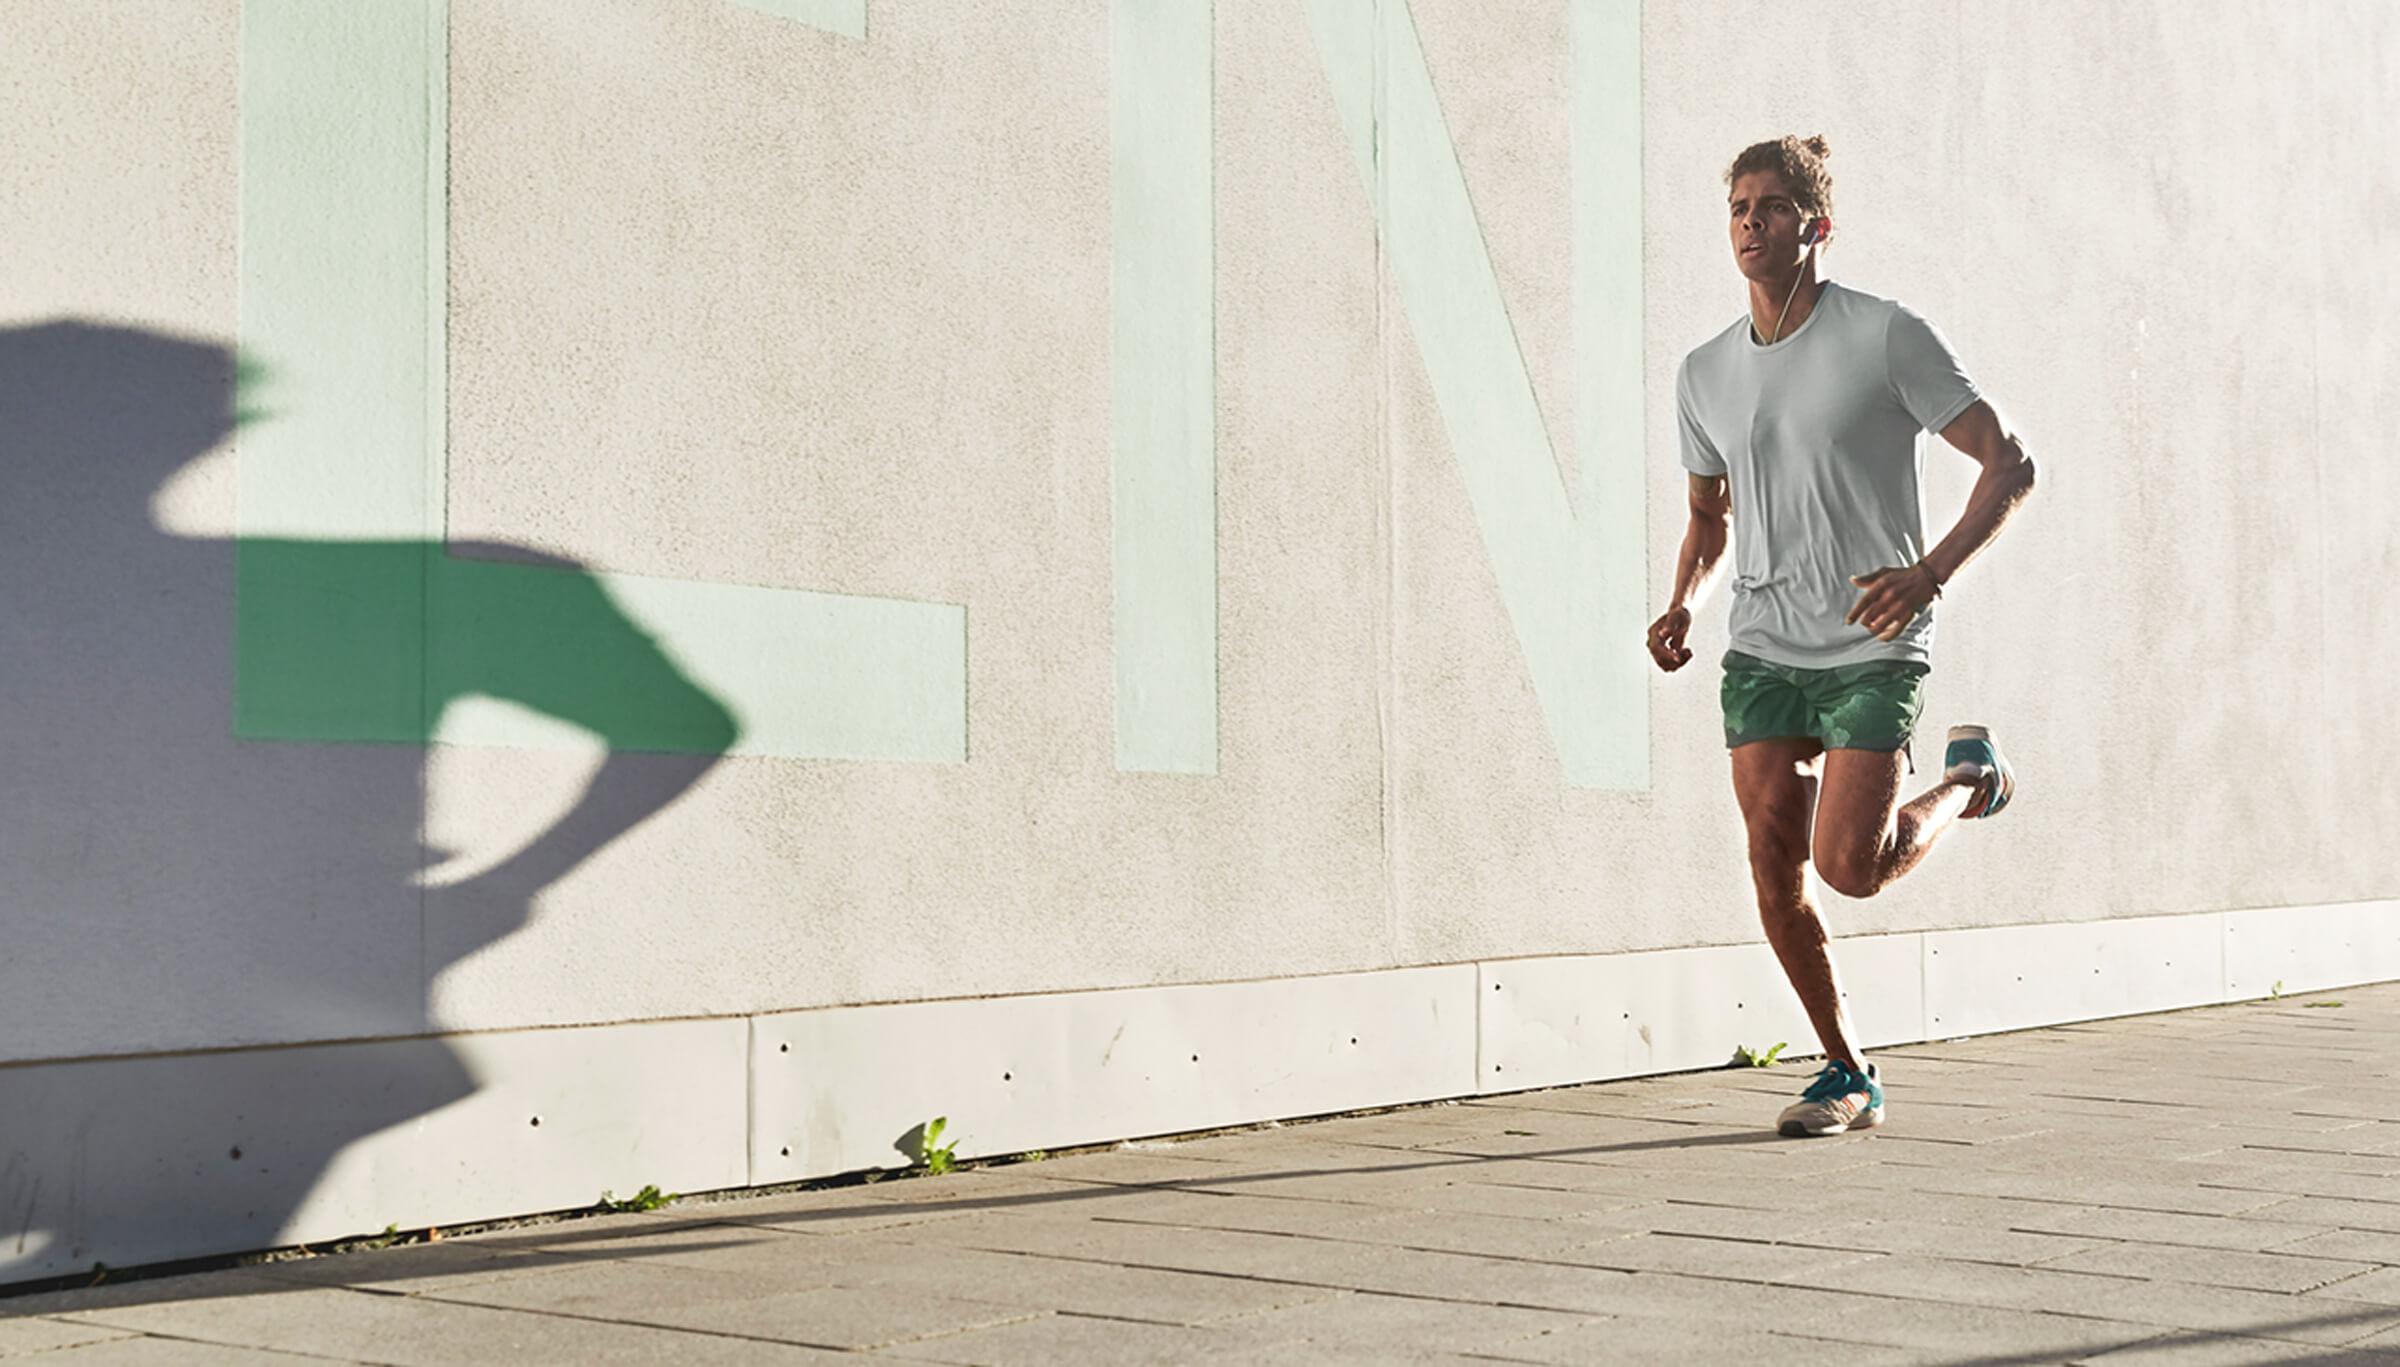 Investor který při ranním běhu přemýšlí o přechodu k online brokerovi LYNX